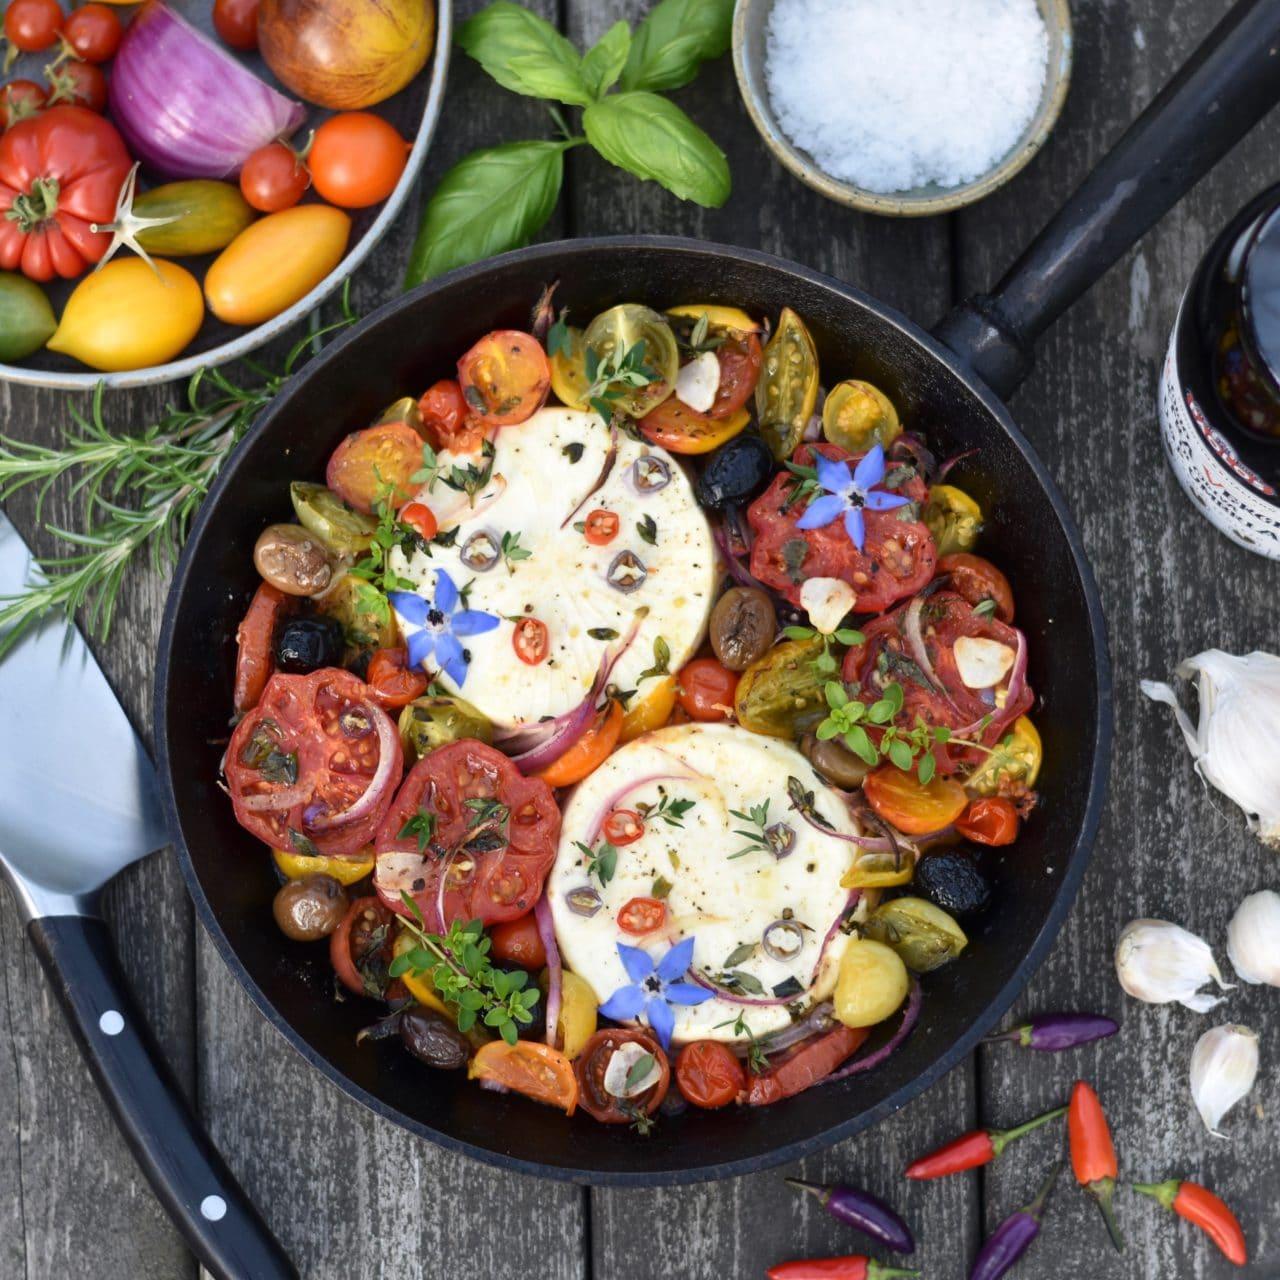 En stekpanna med stekta grönsaker och vitost